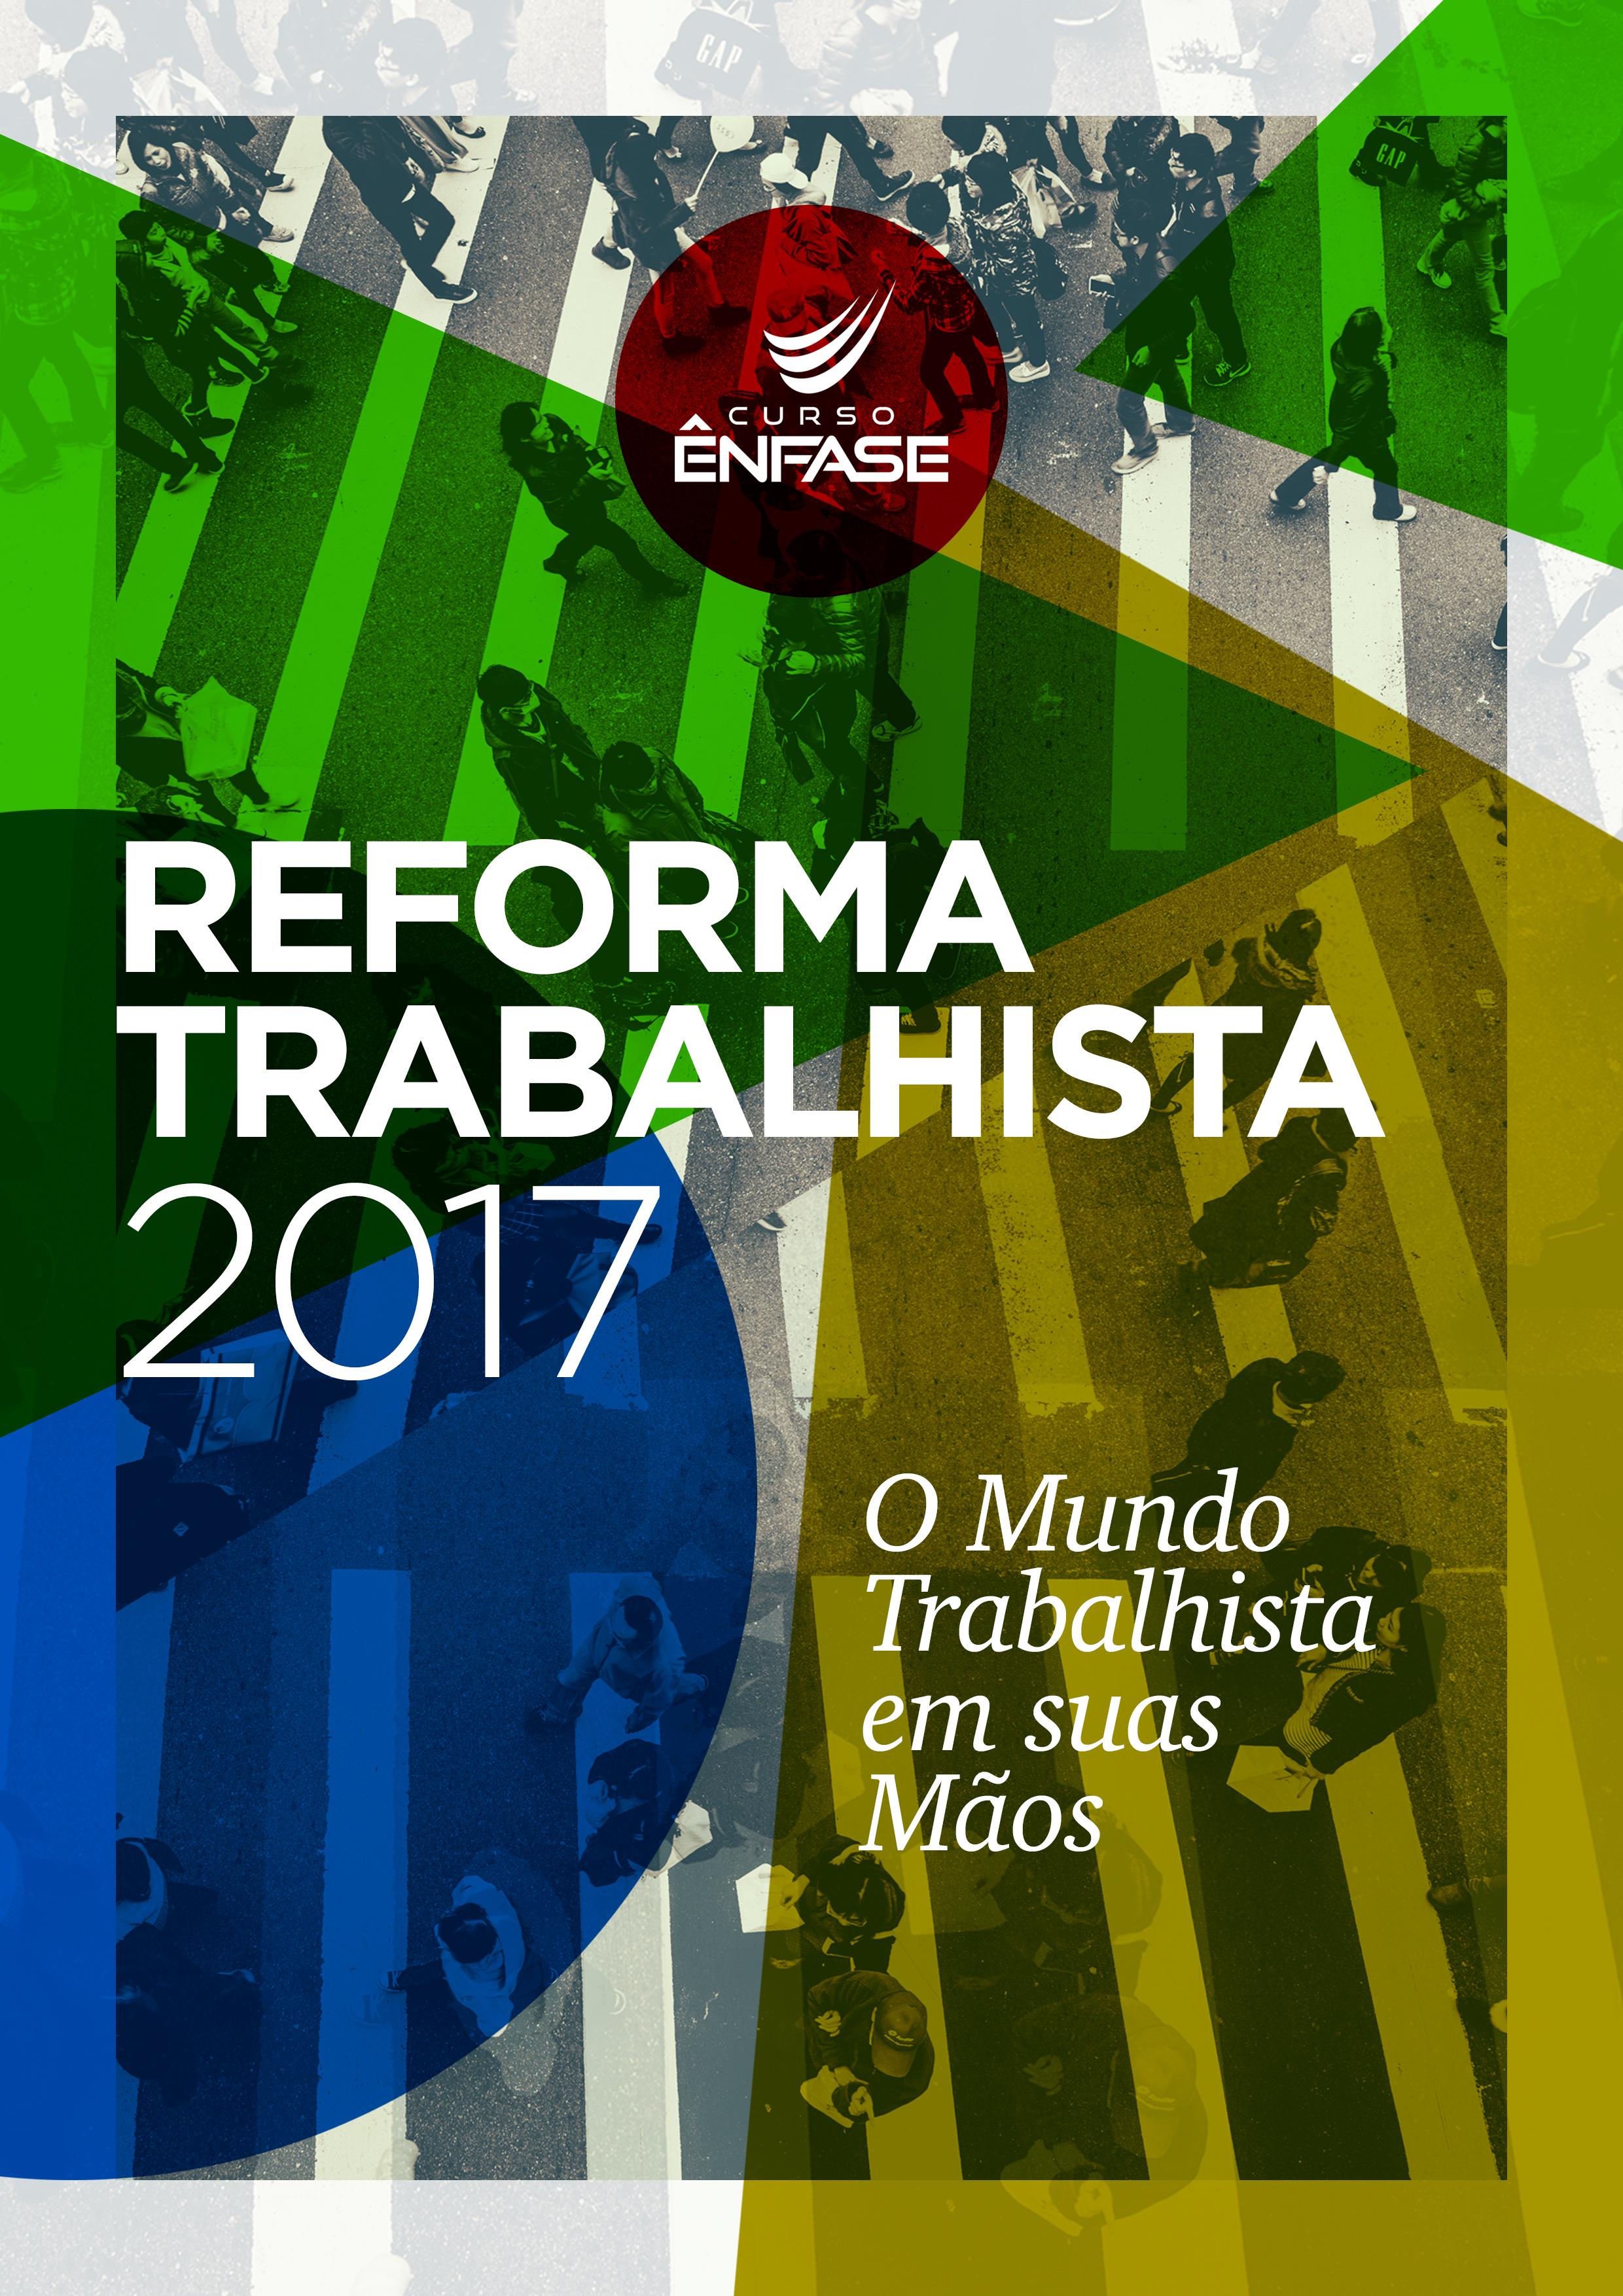 Capa do livro Reforma Trabalhista